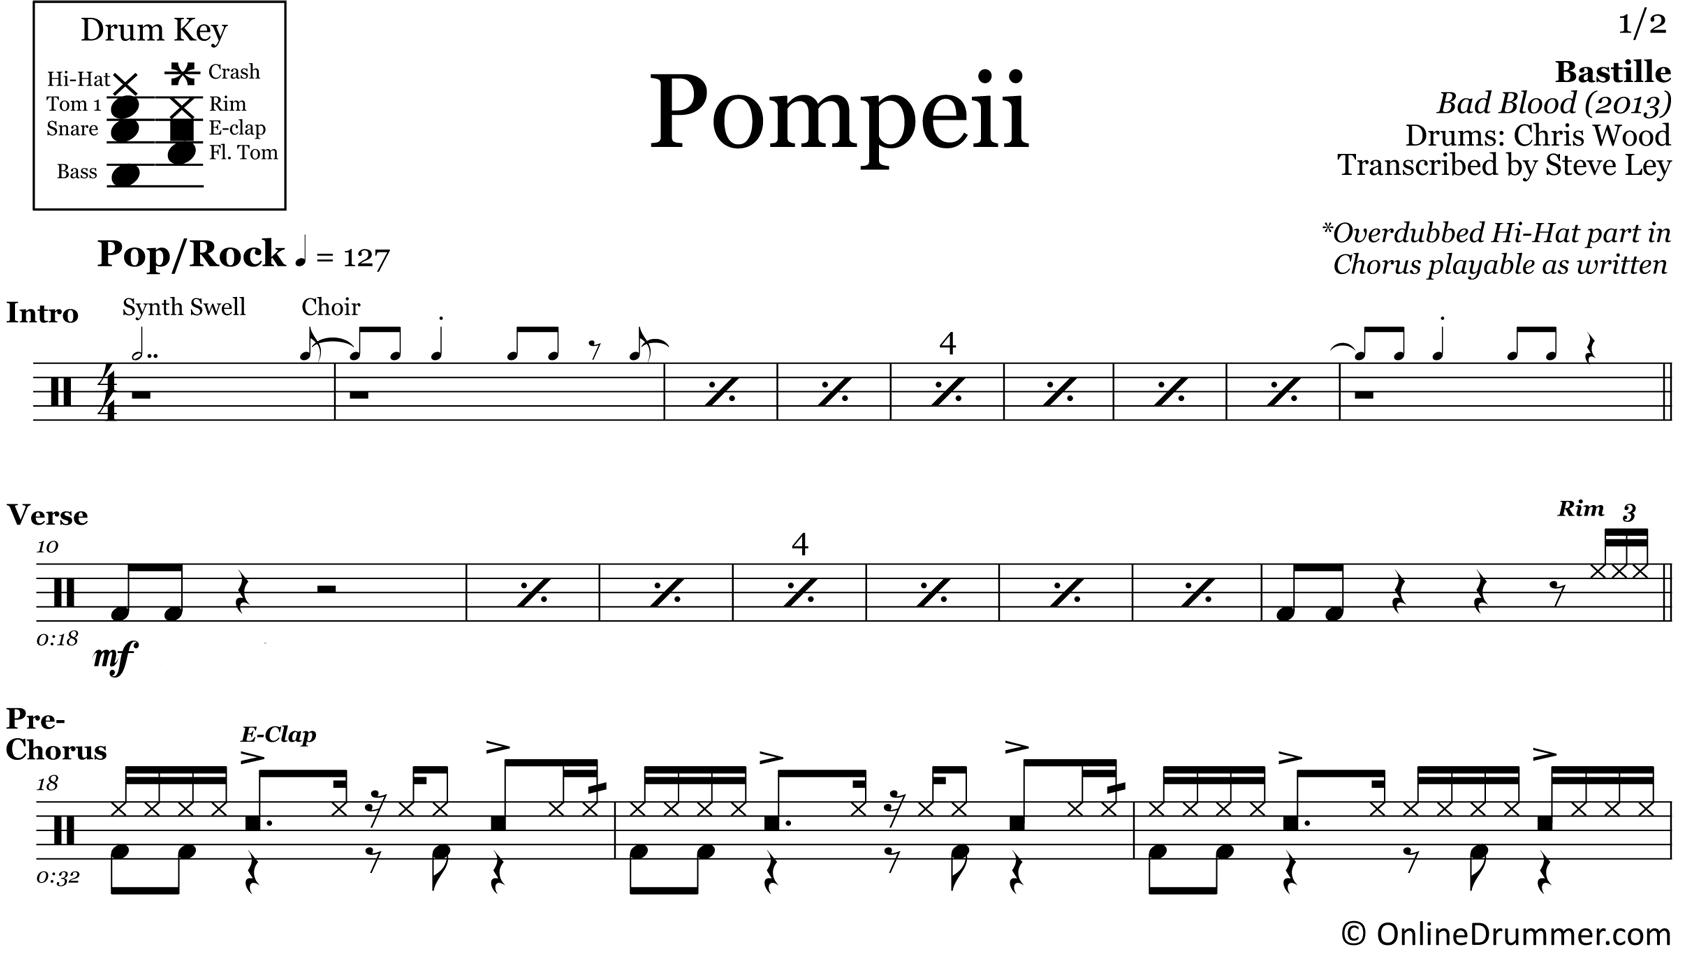 Pompeii - Bastille - Drum Sheet Music